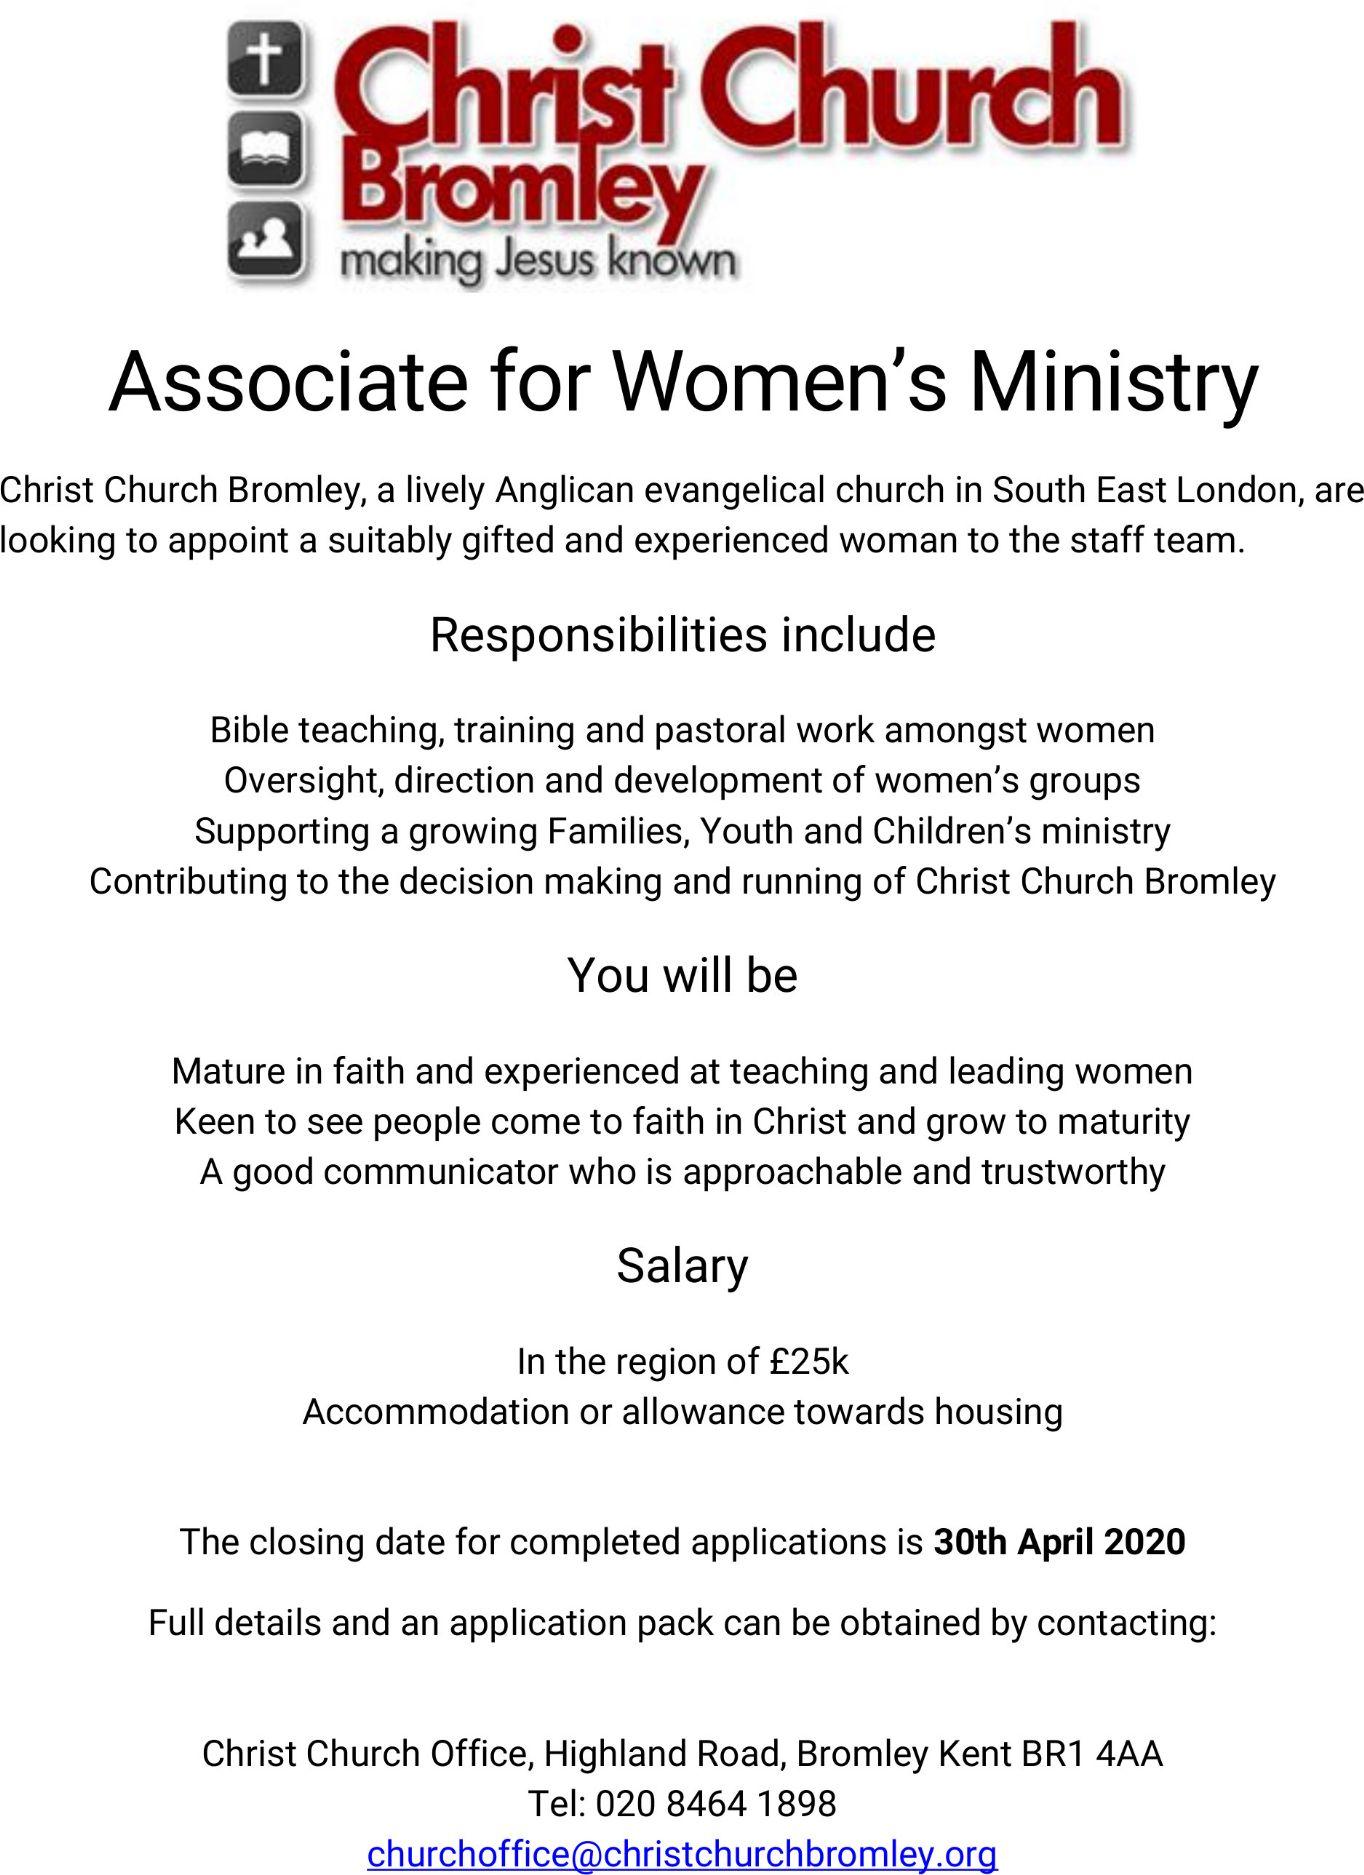 Associate for Women's Ministry